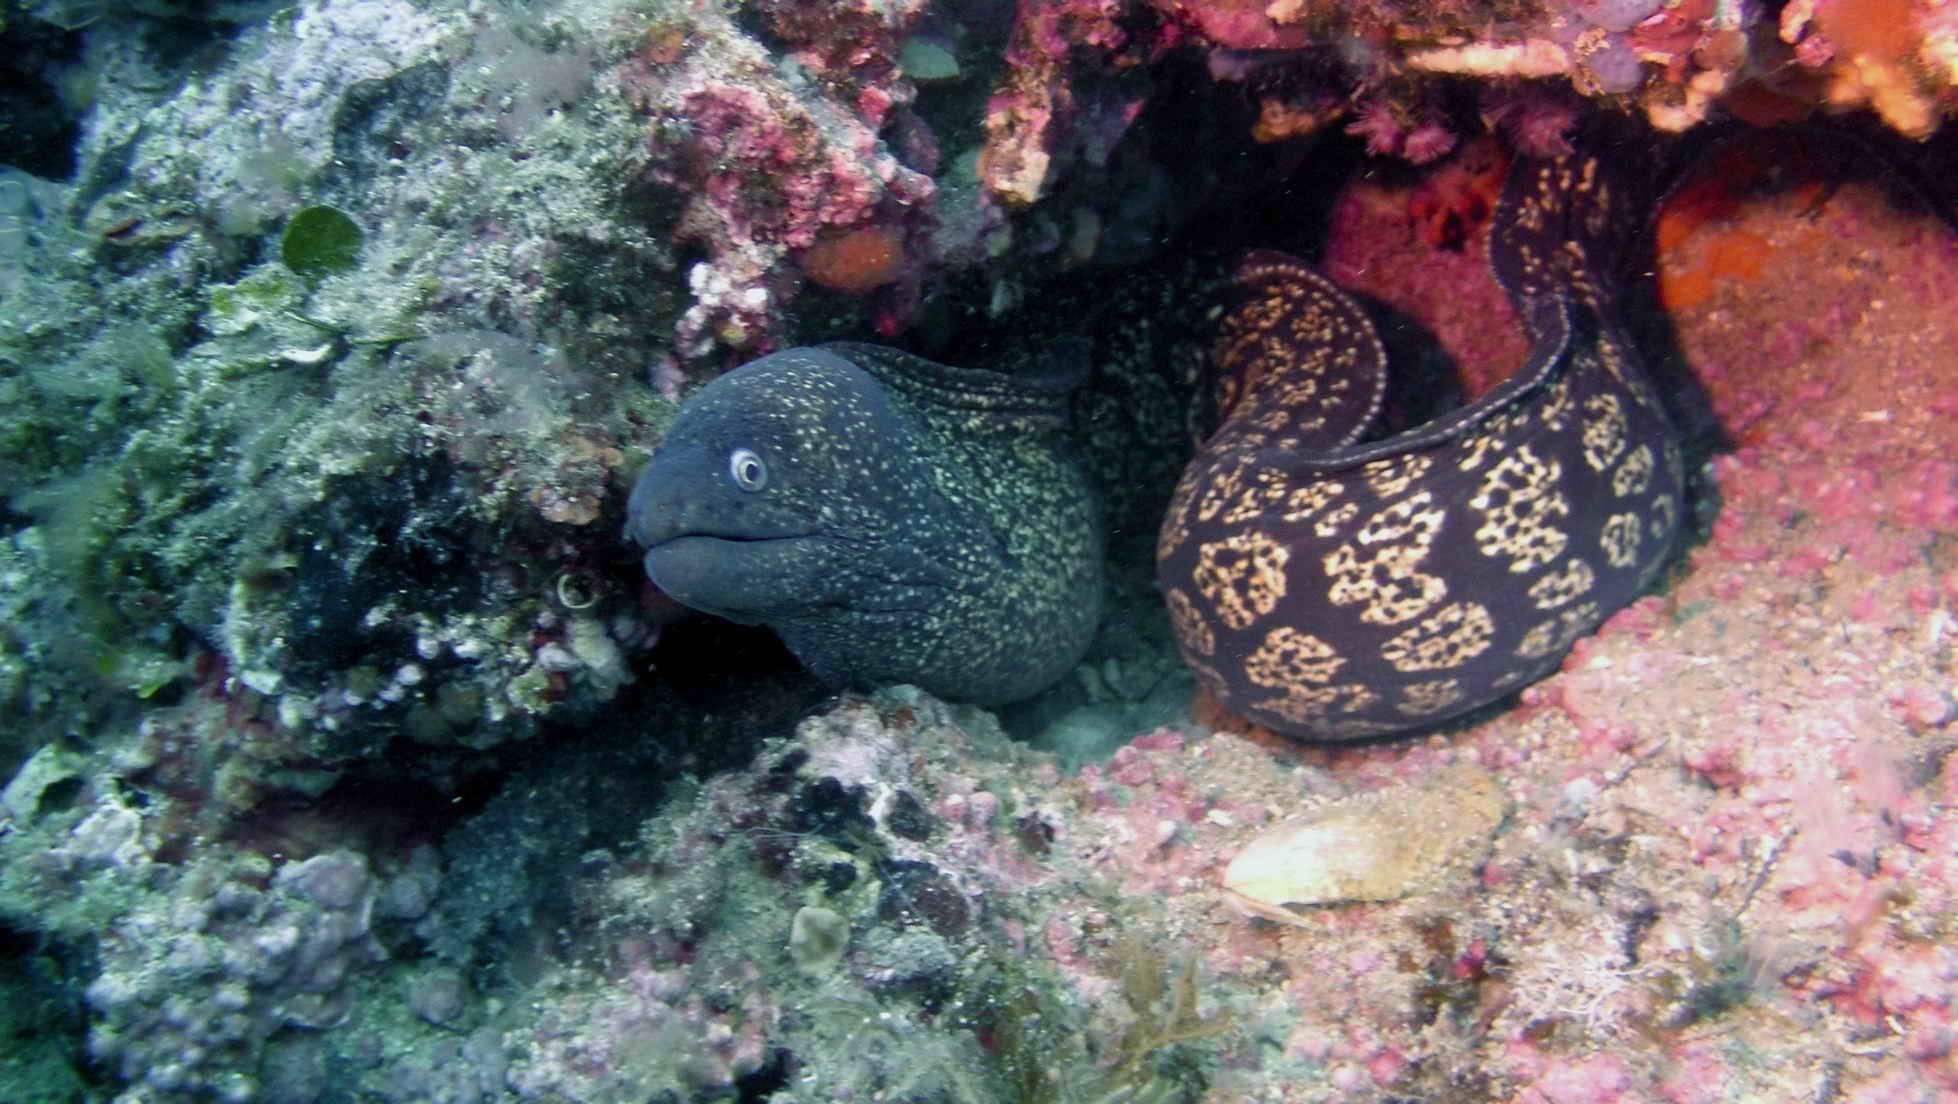 Viaje fin de semana buceo en Cabo de Palos (Murcia) - 6 al 8 de septiembre